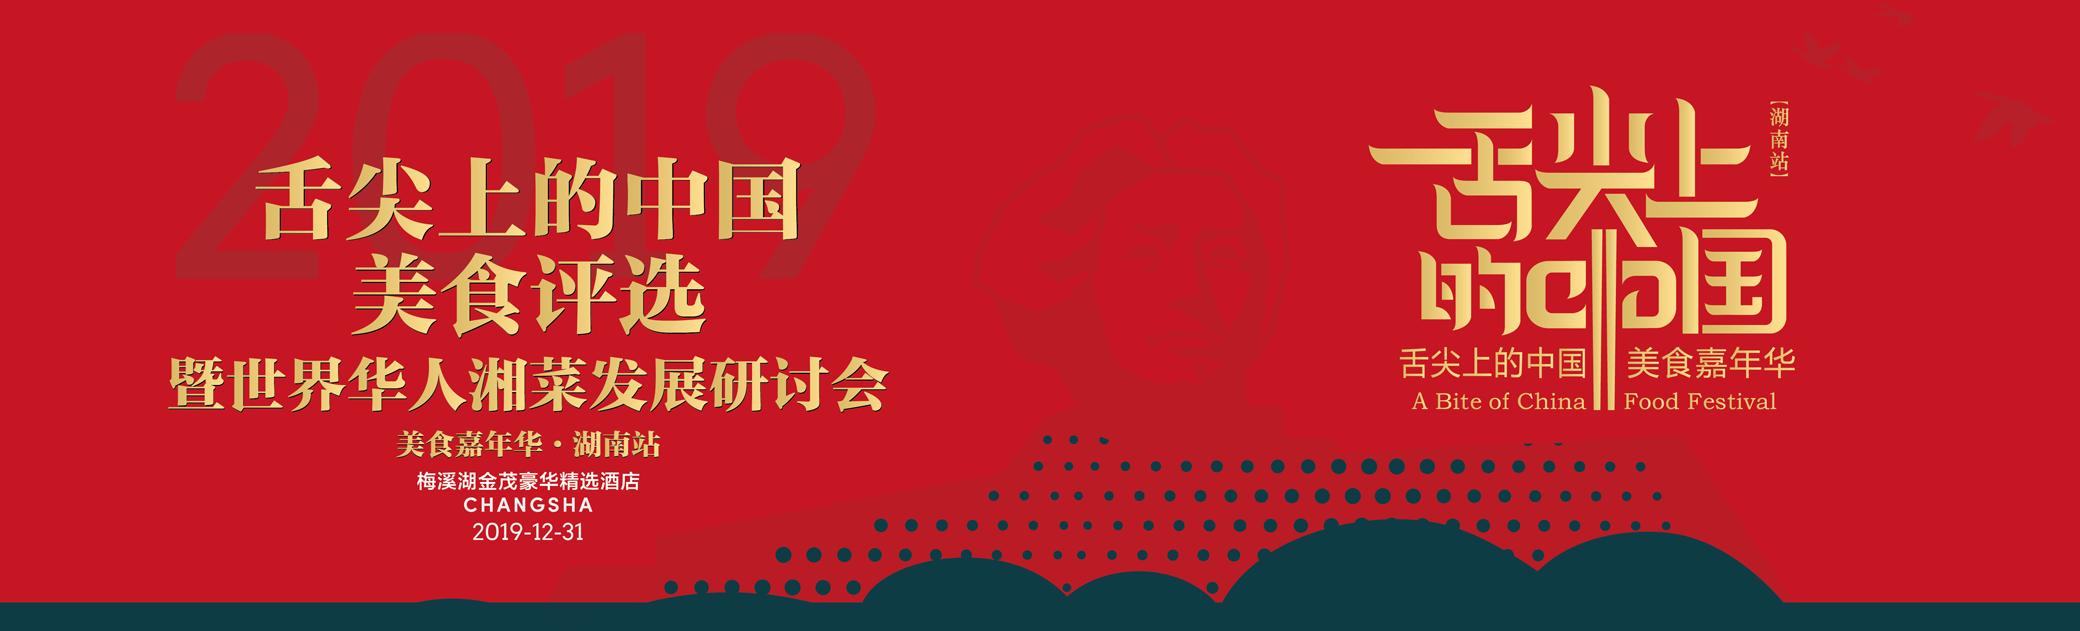 舌尖上的中国美食嘉年华直播峰会